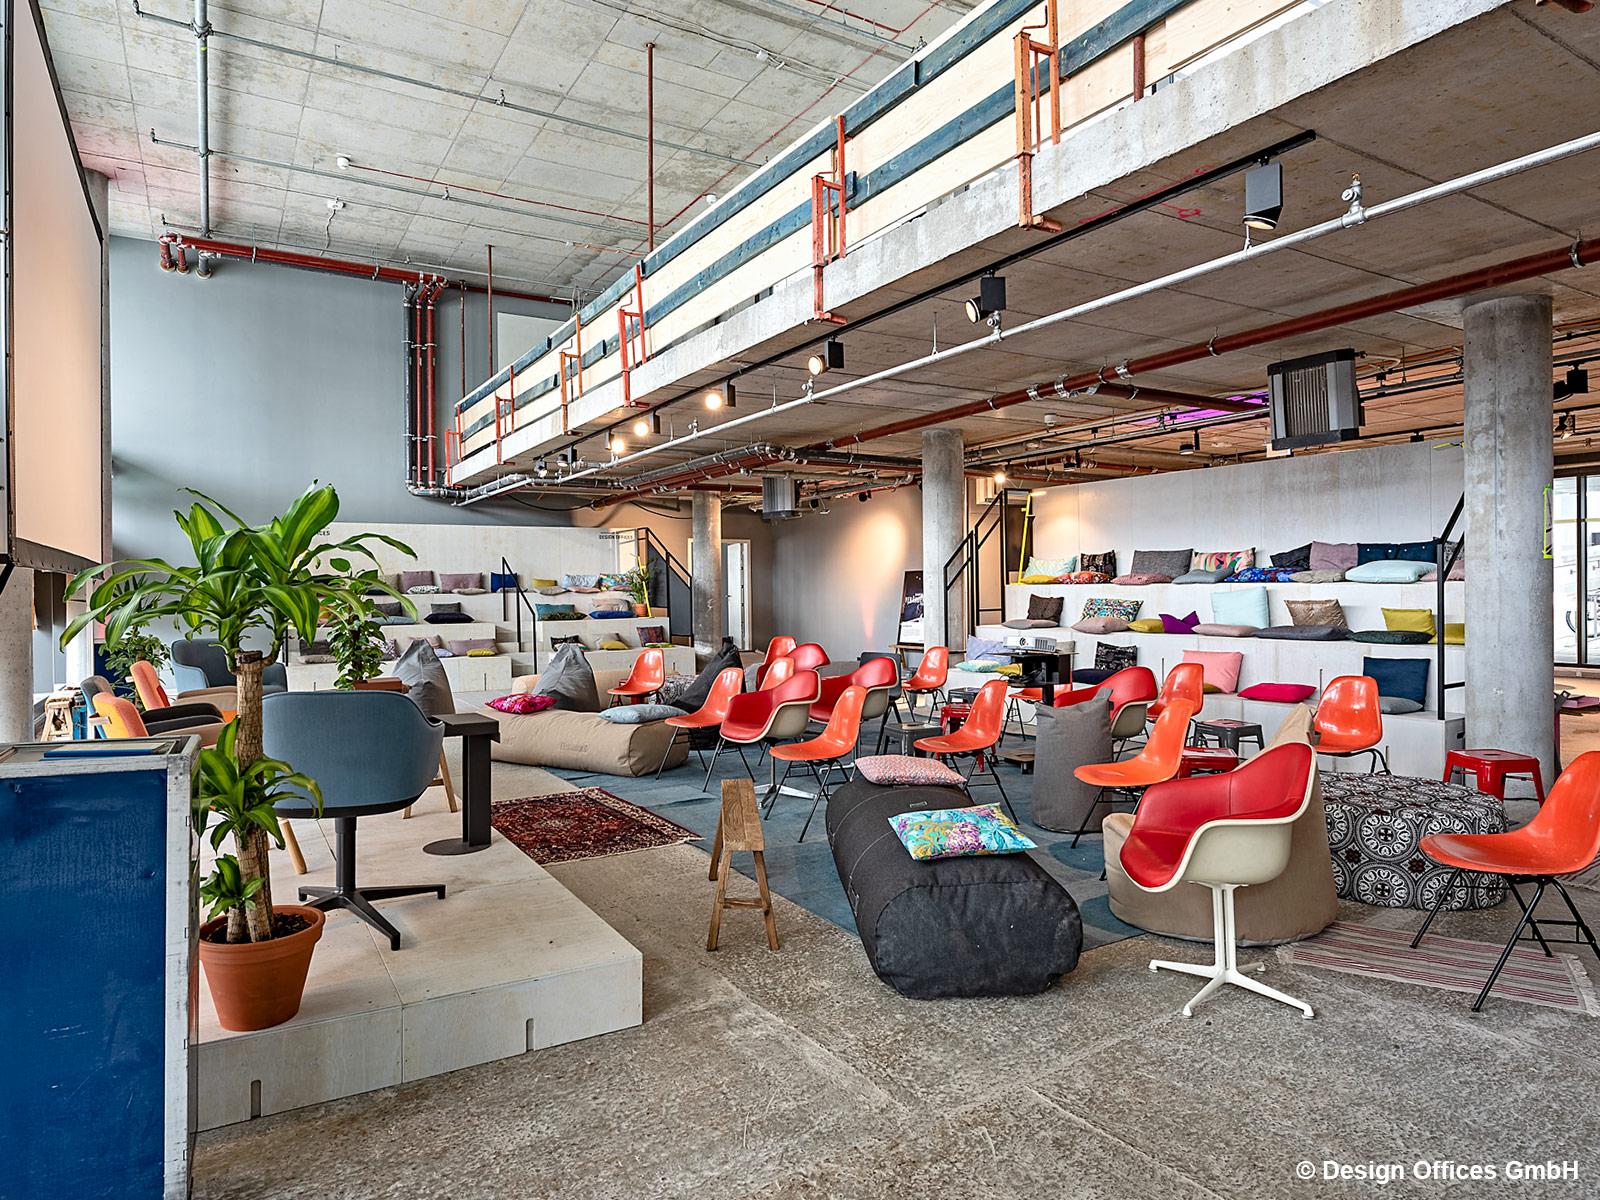 Design Offices Berlin Humboldthafen, Berlin